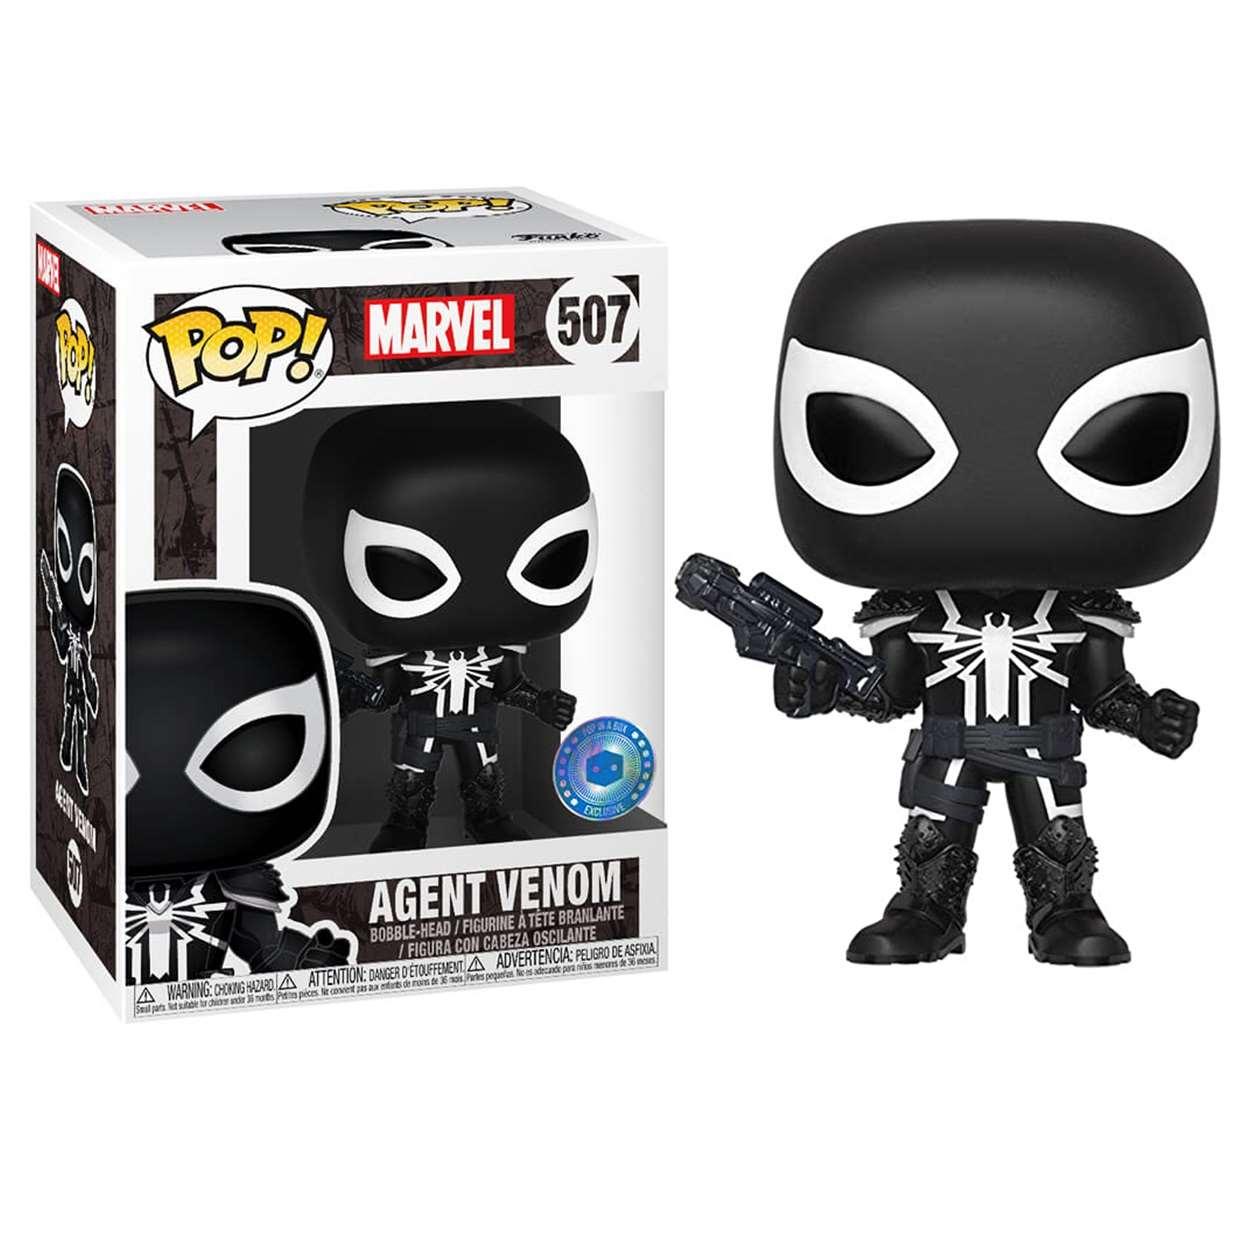 Agente Venom #507 Funko Pop! Exclusivo Pop In A Box